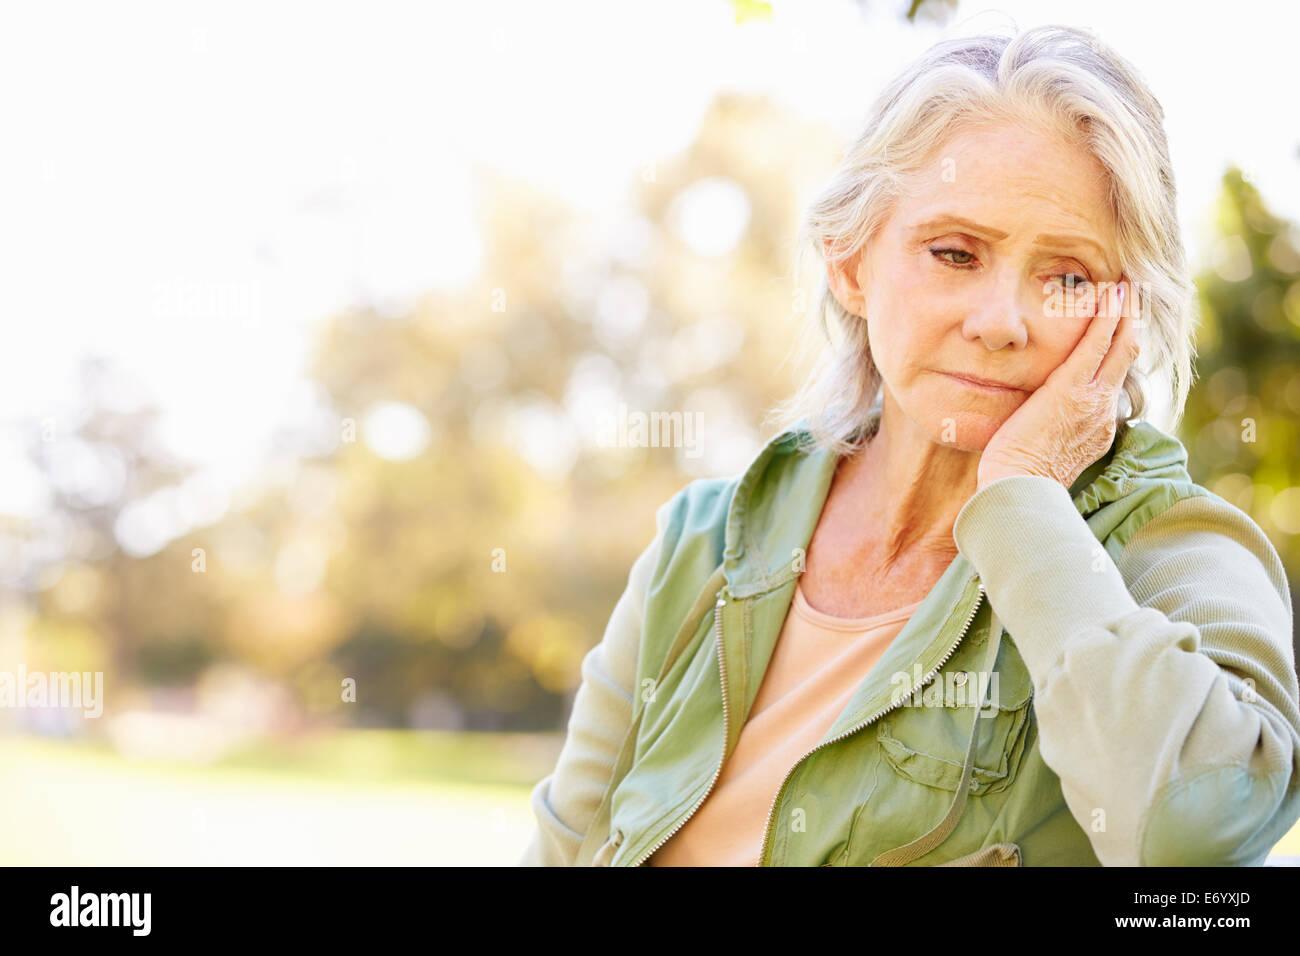 Depressed Senior Woman Sitting Outside - Stock Image